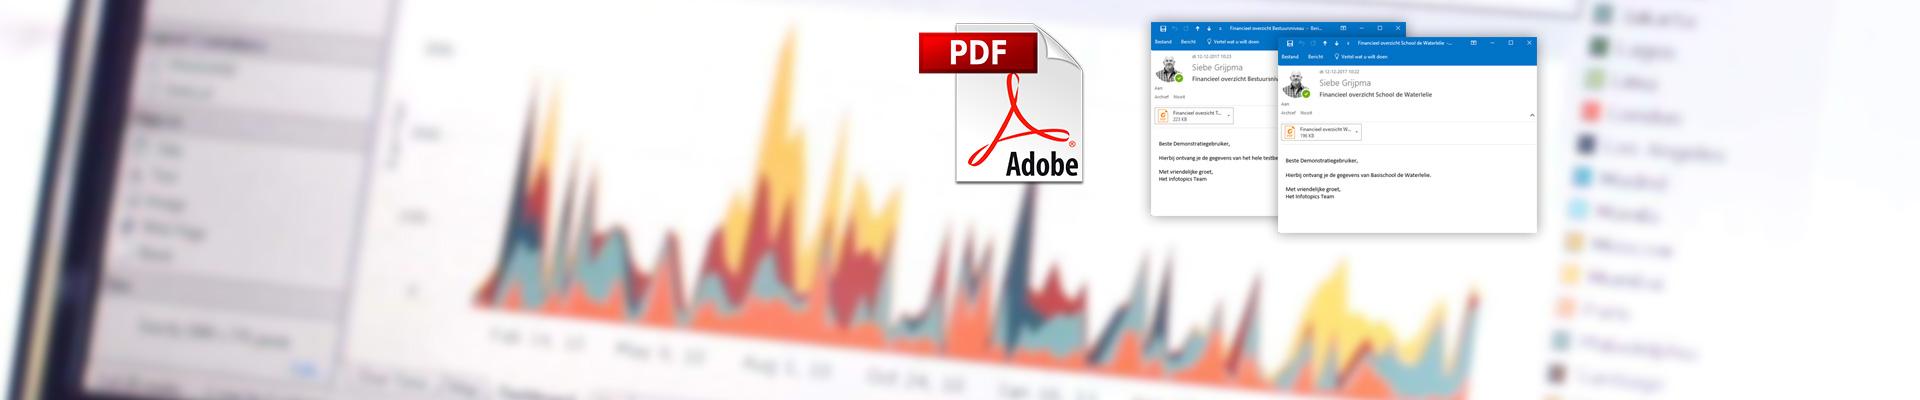 Tableau Server PDF Scheduler blog